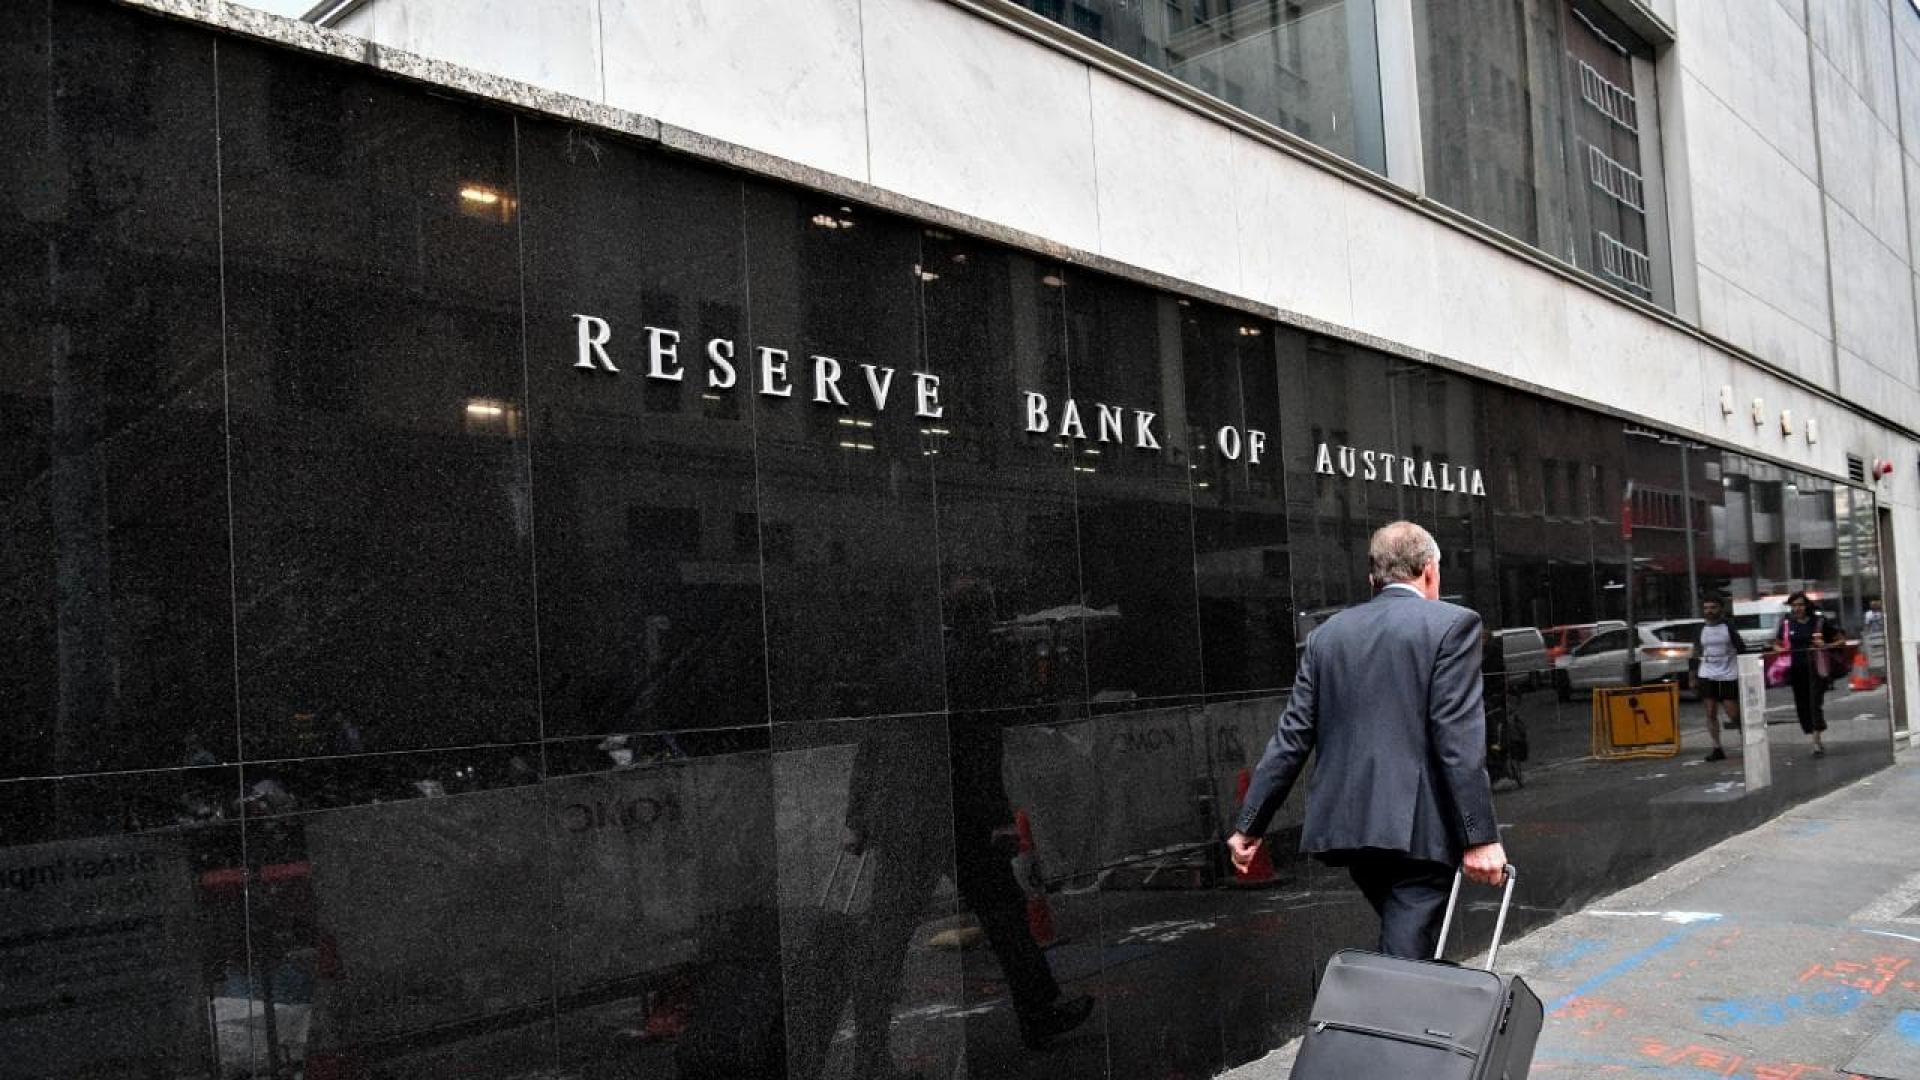 avustralya merkez bankasi cbdc arastirma ekibi icin bir is ilani yayimladi